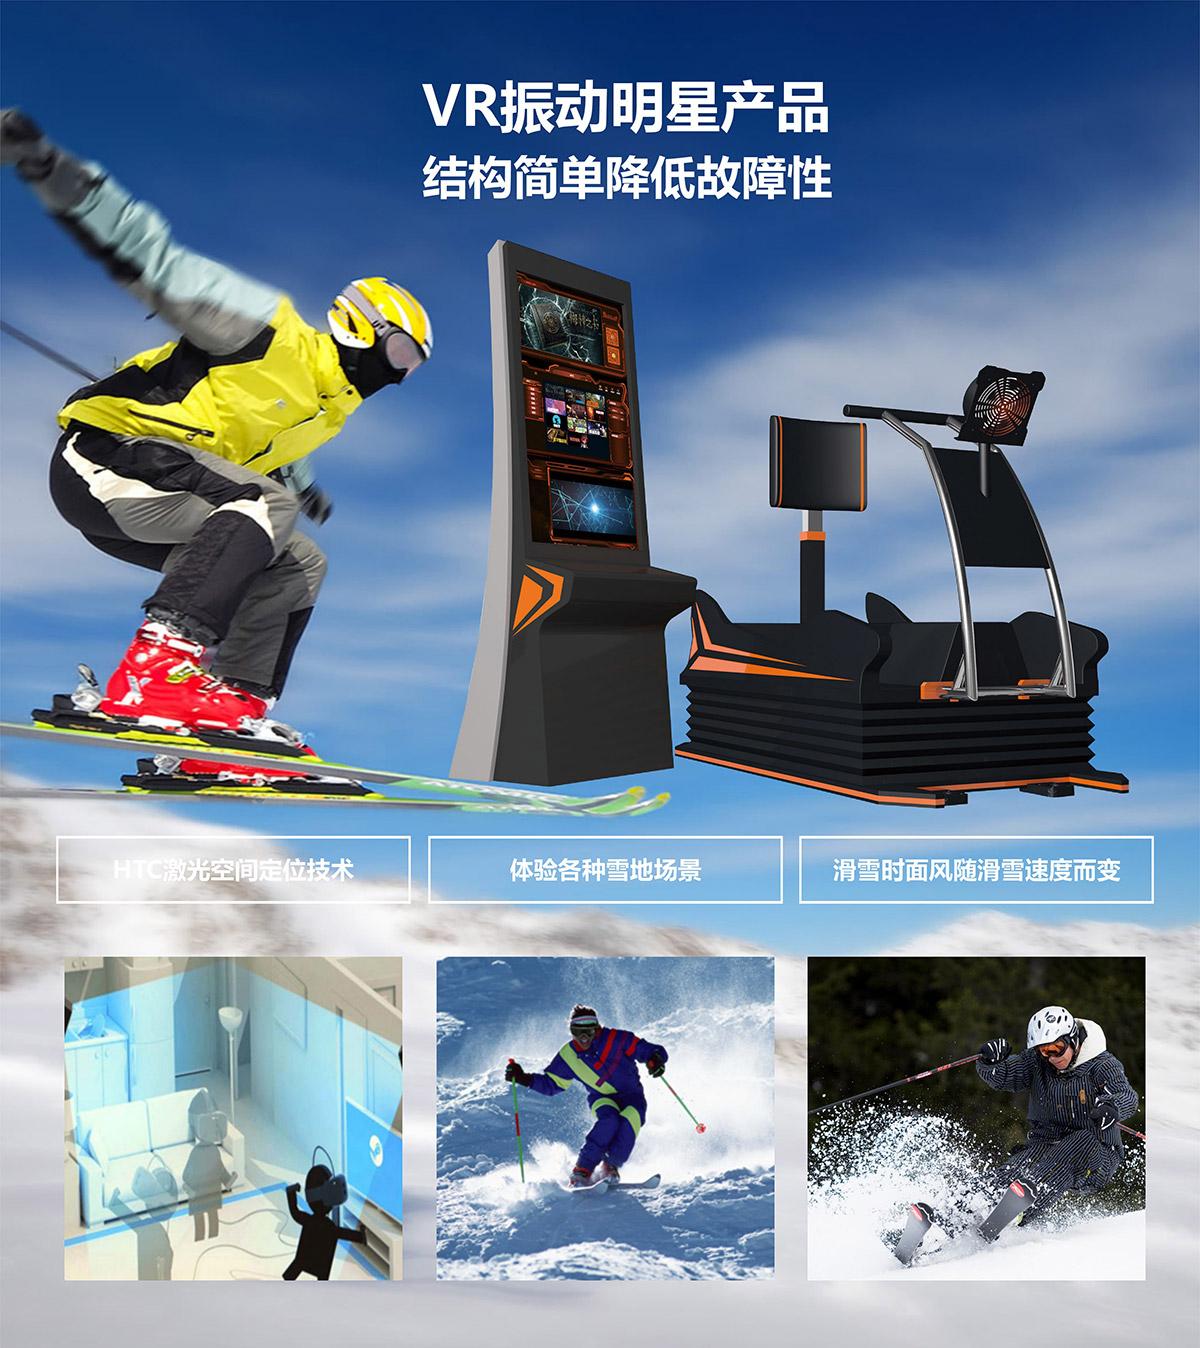 安全体验VR明星产品模拟滑雪.jpg